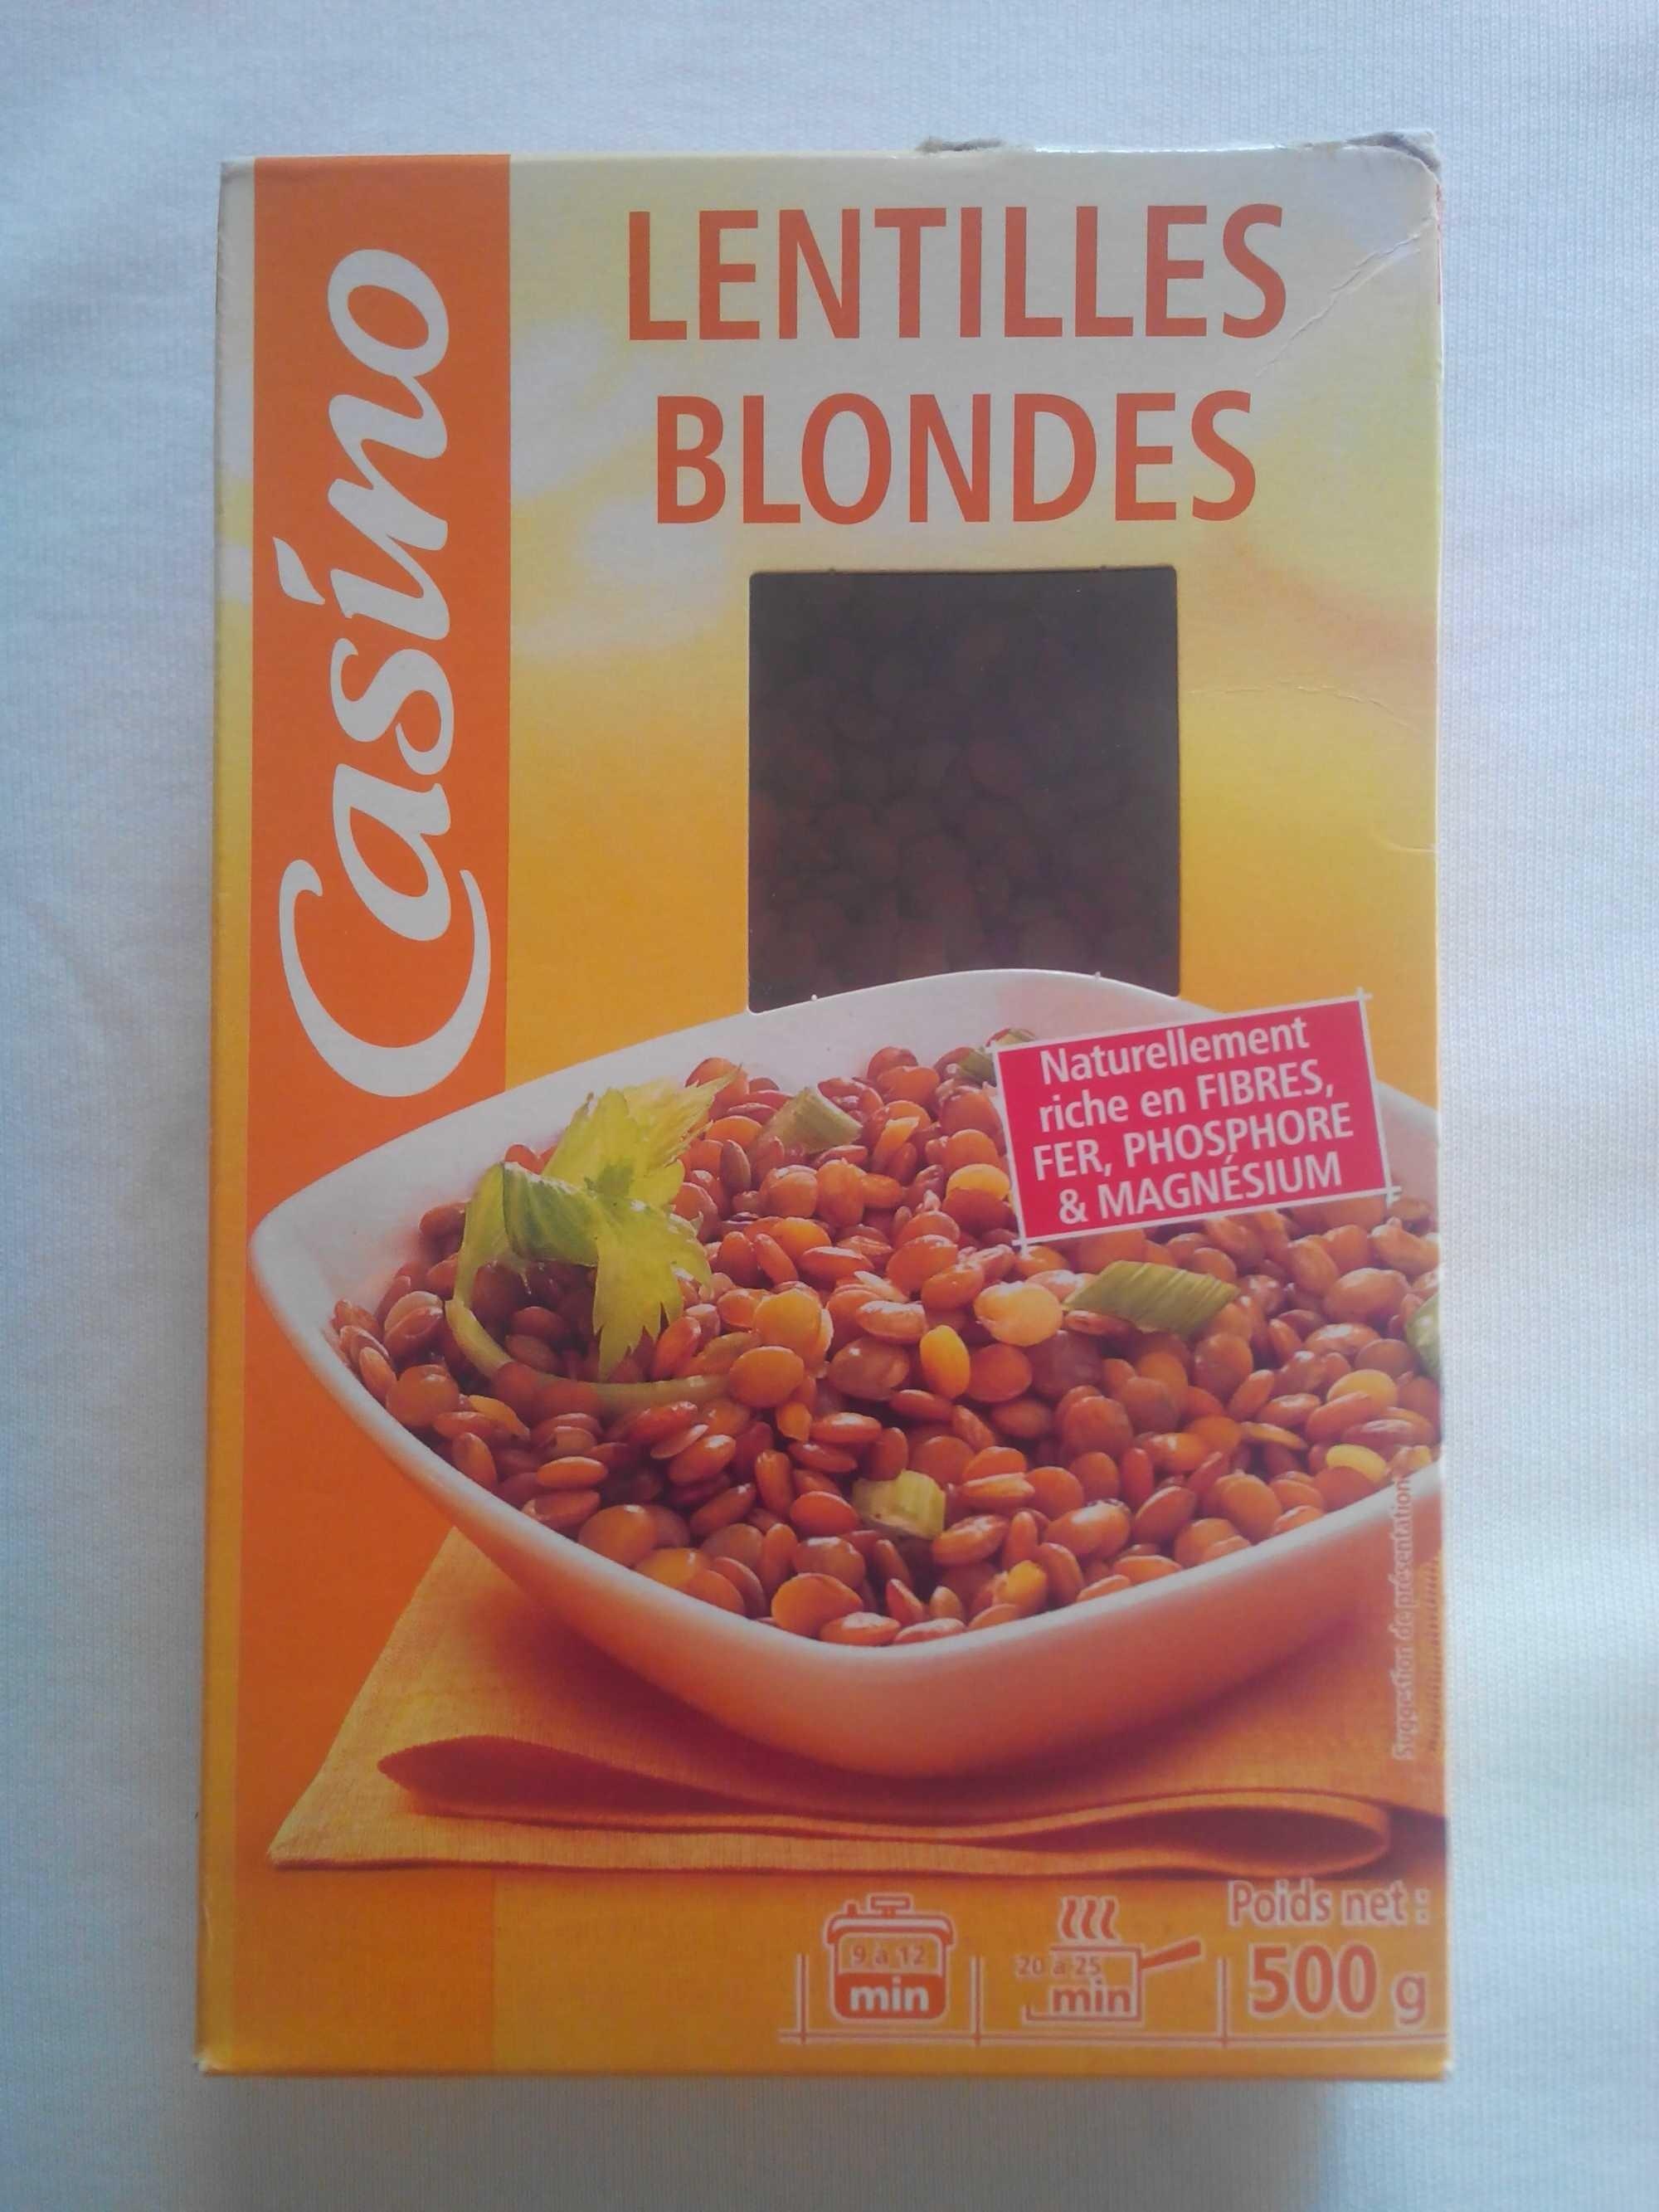 Lentilles blondes - Product - fr